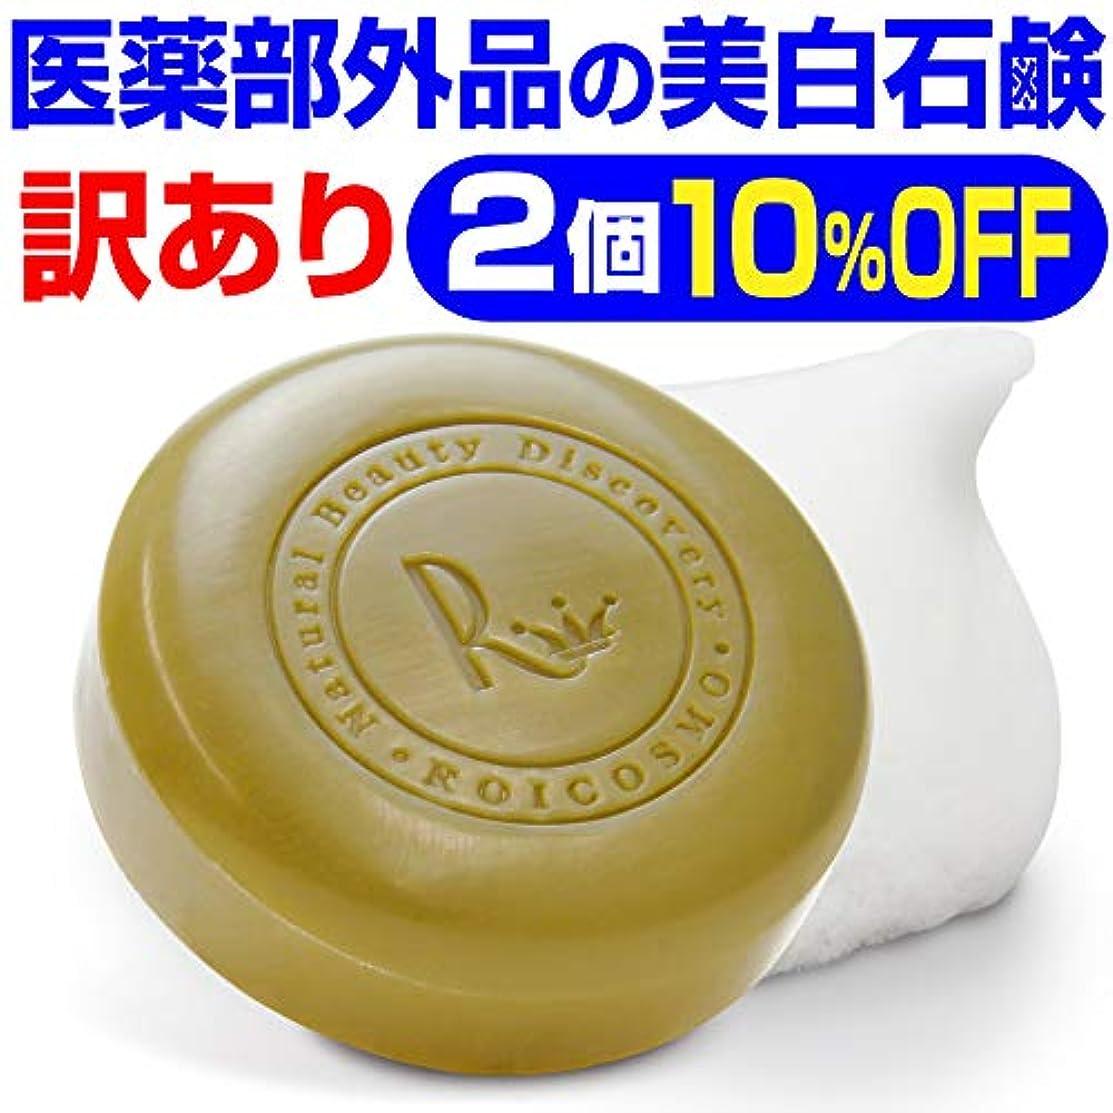 不利リンケージ短くする訳あり10%OFF(1個2,143円)売切れ御免 ビタミンC270倍の美白成分の 洗顔石鹸『ホワイトソープ100g×2個』